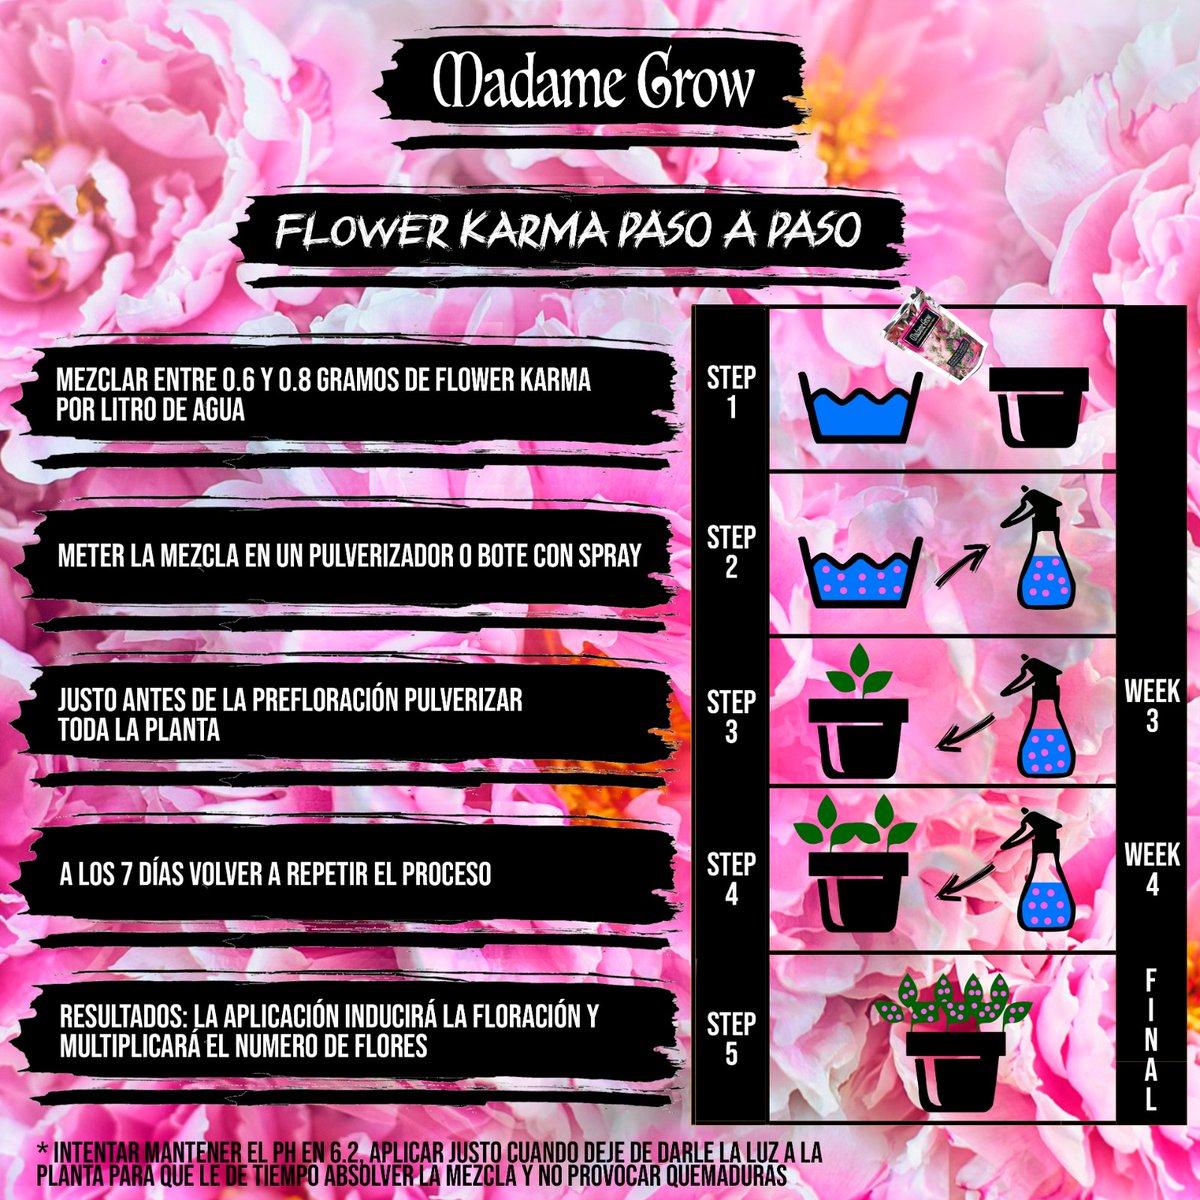 🌸🌸¿Todavía no sabes usar FLOWER KARMA? 🌸🌸   Echa un vistazo a nuestra infografía y sigue sus instrucciones.   ¡Flower Karma!     #MadameGrow #Grower #Floración #Fertilizante #AbonoNatural #Nature #Organic #Indoor #Plantas #Cáñamo #Weed #Green #Relax